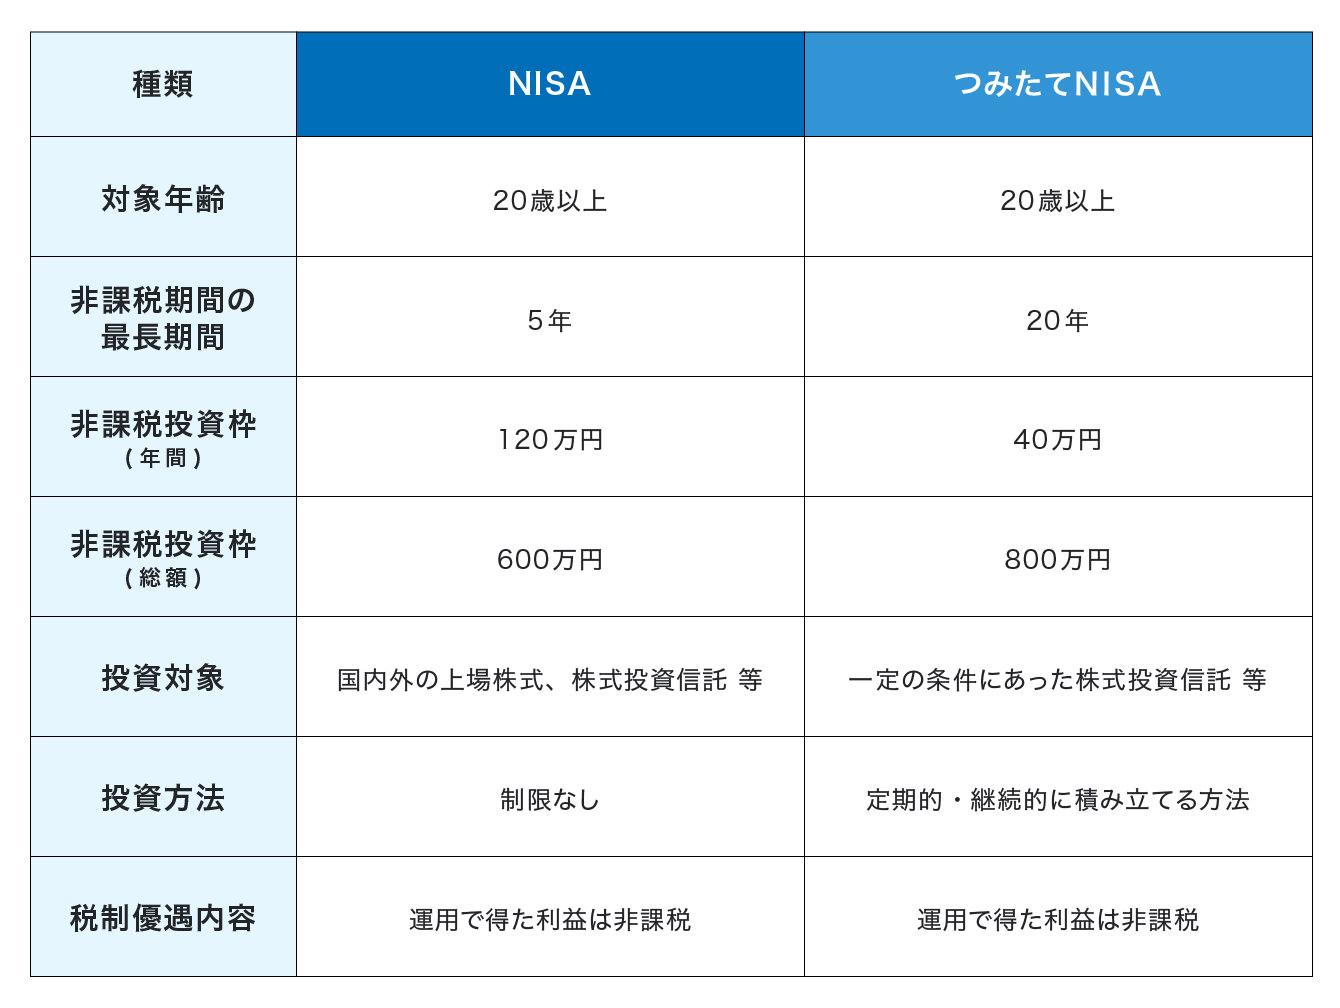 NISAとつみたてNISAの比較